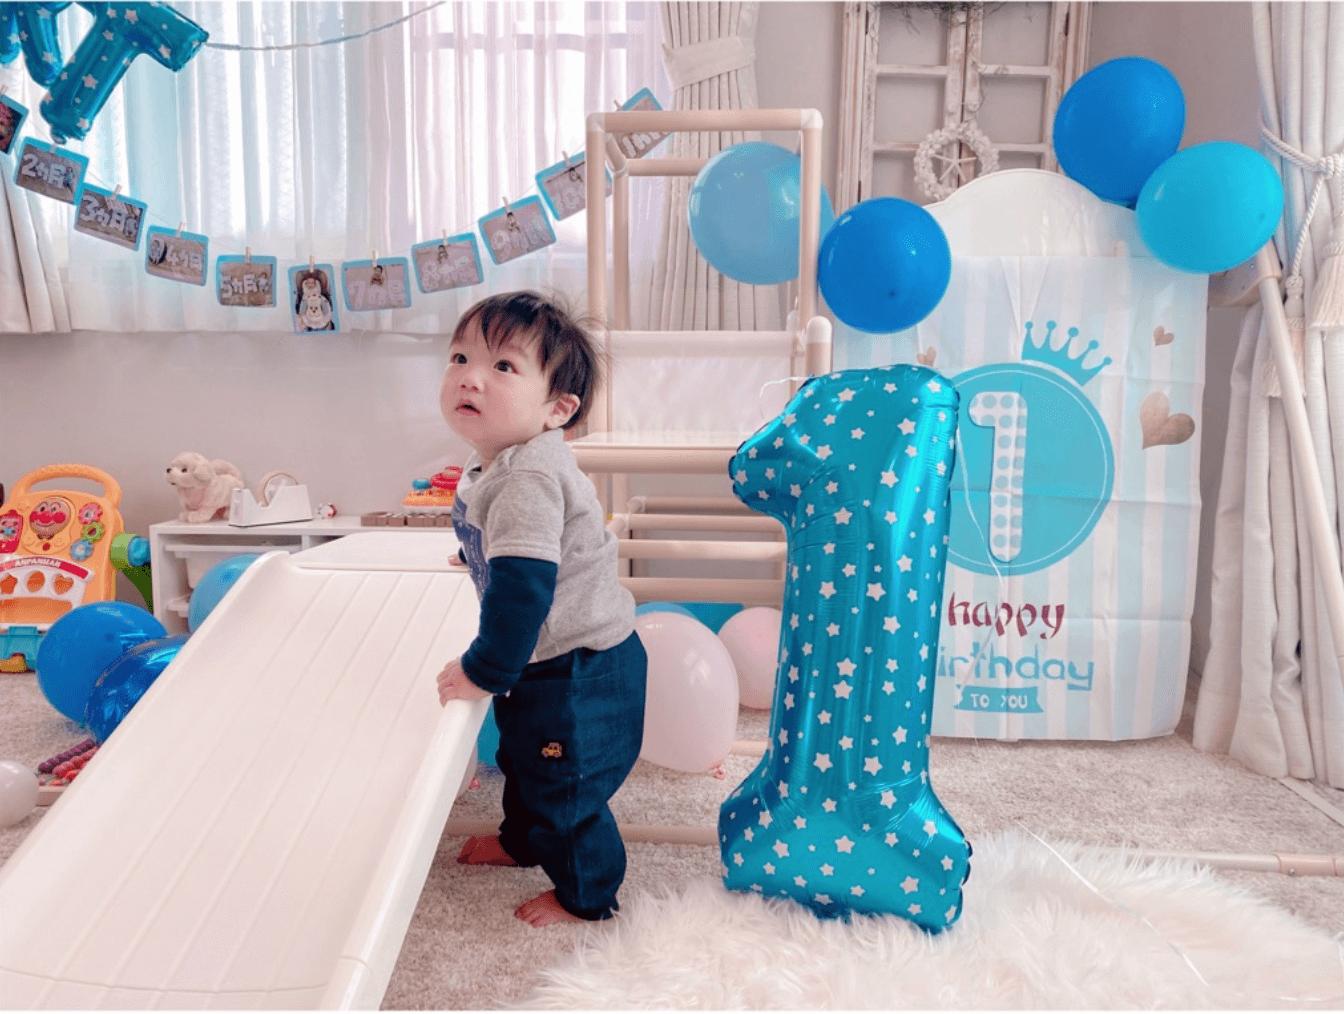 辻希美、三男が1歳を迎え記念写真公開「またまたあの感動を思い出しました」